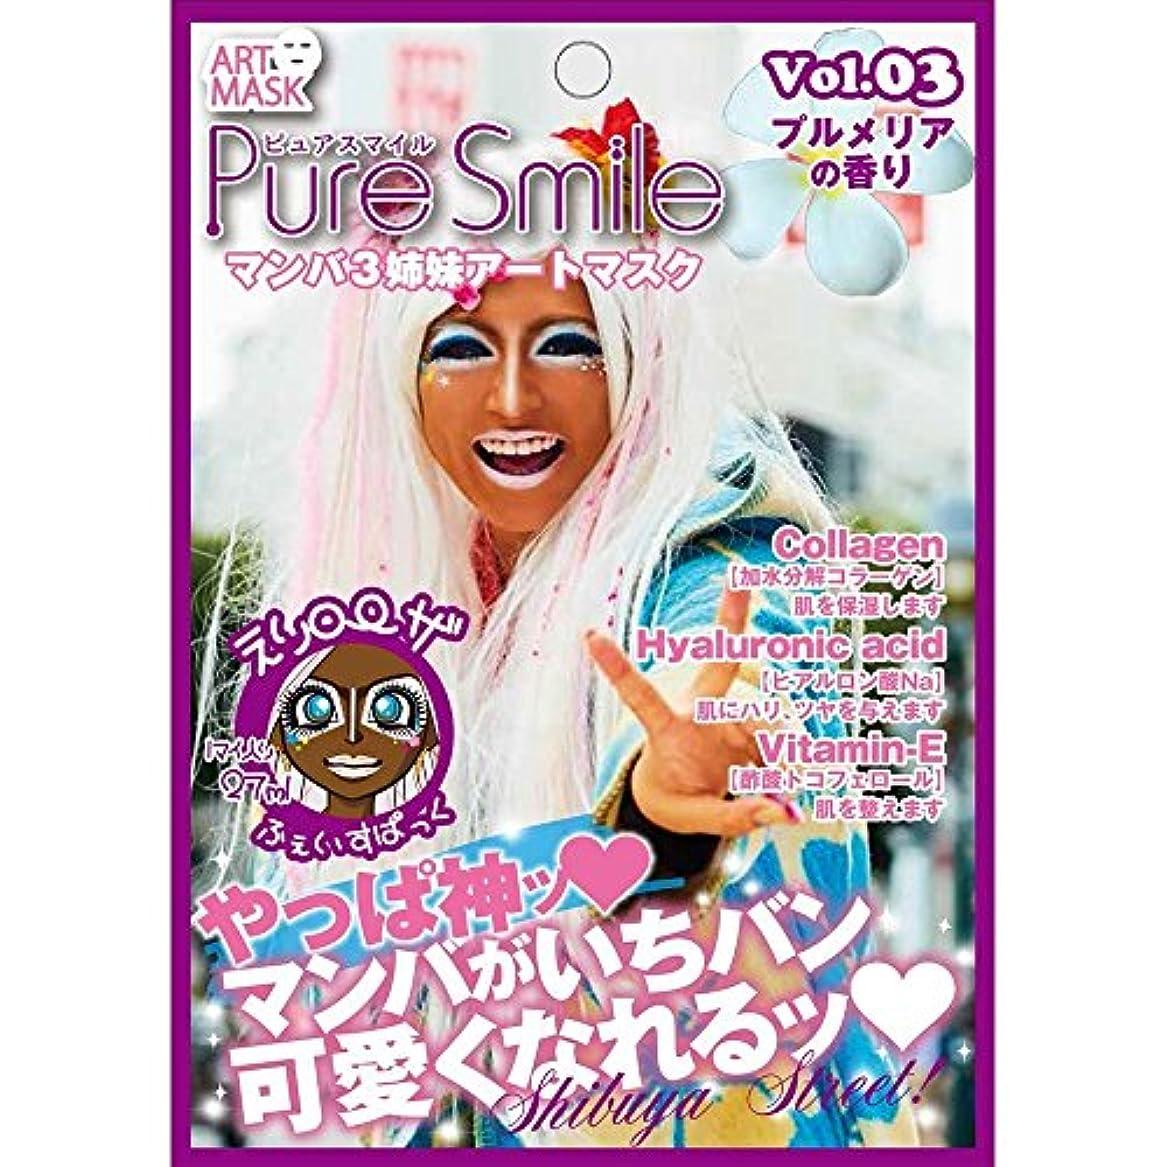 精度瞑想適応ピュアスマイル 『マンバ3姉妹シリーズアートマスク』(えりローザ/プルメリアの香り)